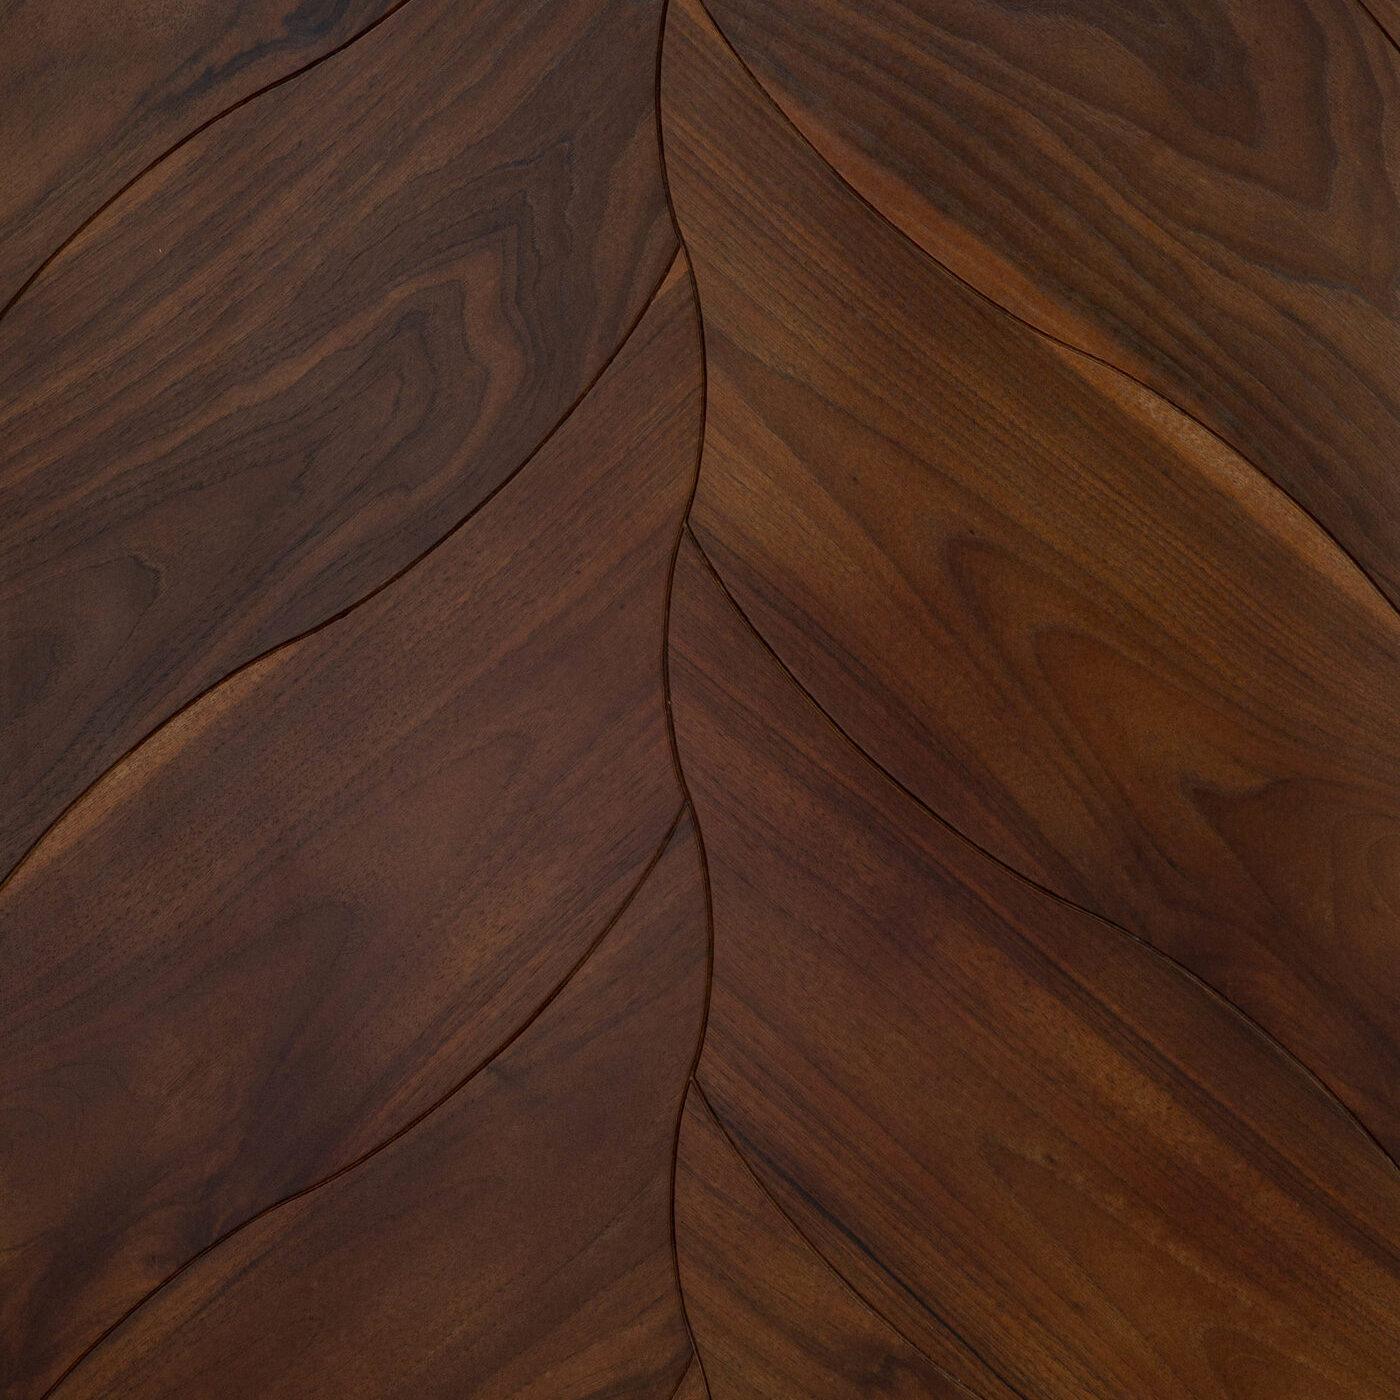 Inzhenerna-Doshka-Arbofari-Jazz-curved-walnut-3